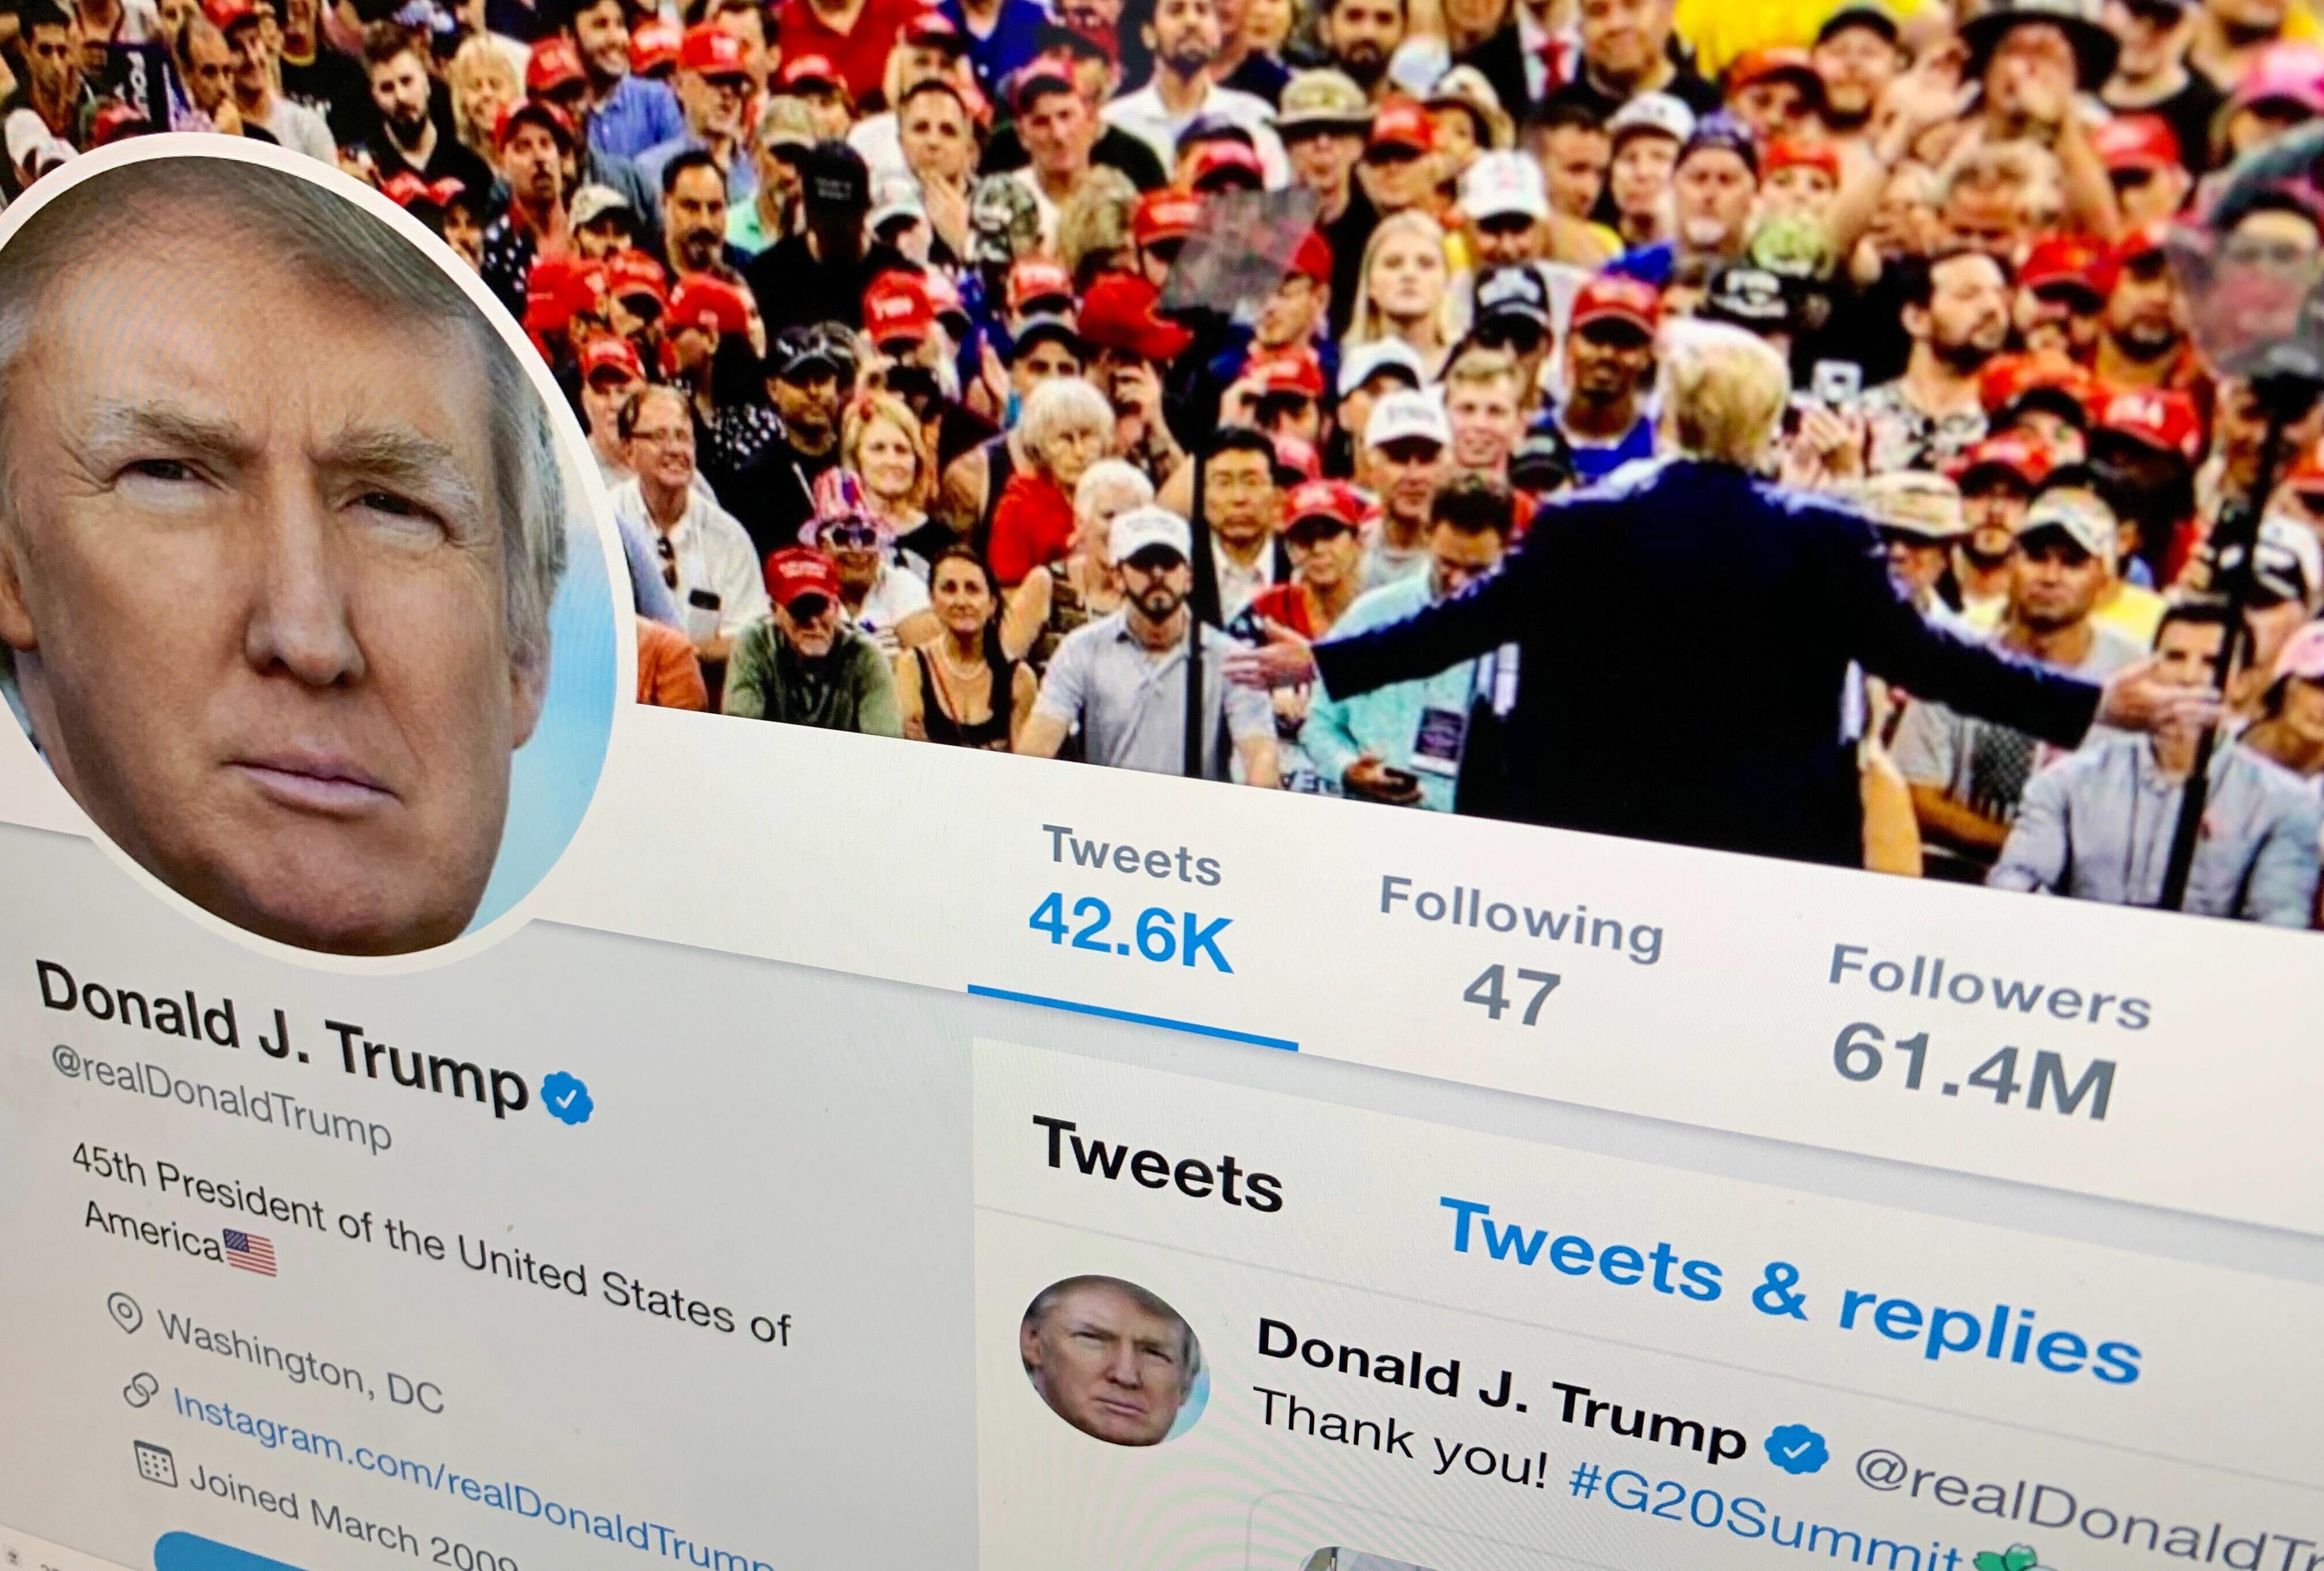 Liberal Media Scream: Breaking News, CNN finds 358 Trump tweet misspellings